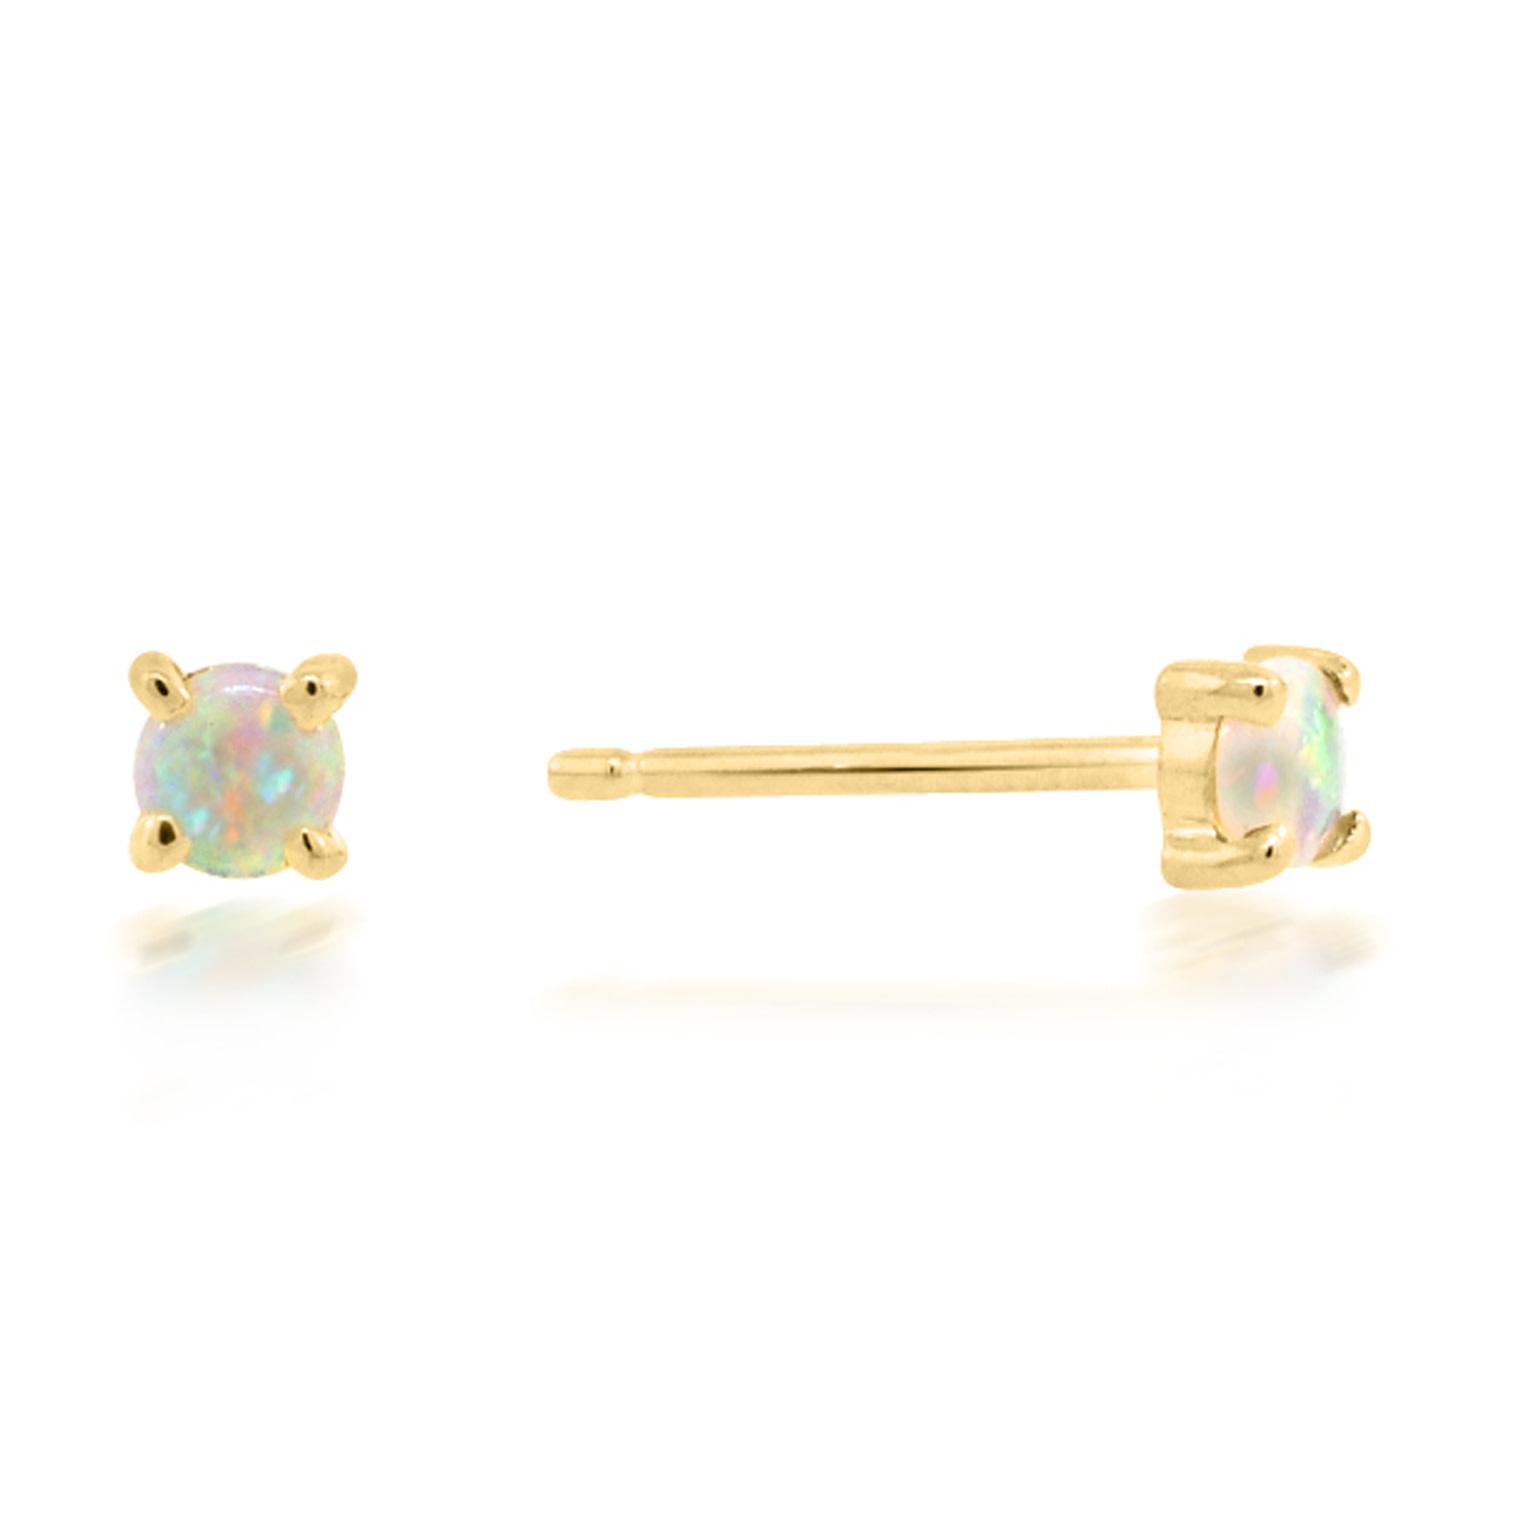 Trabert Goldsmiths Mini Opal Earrings